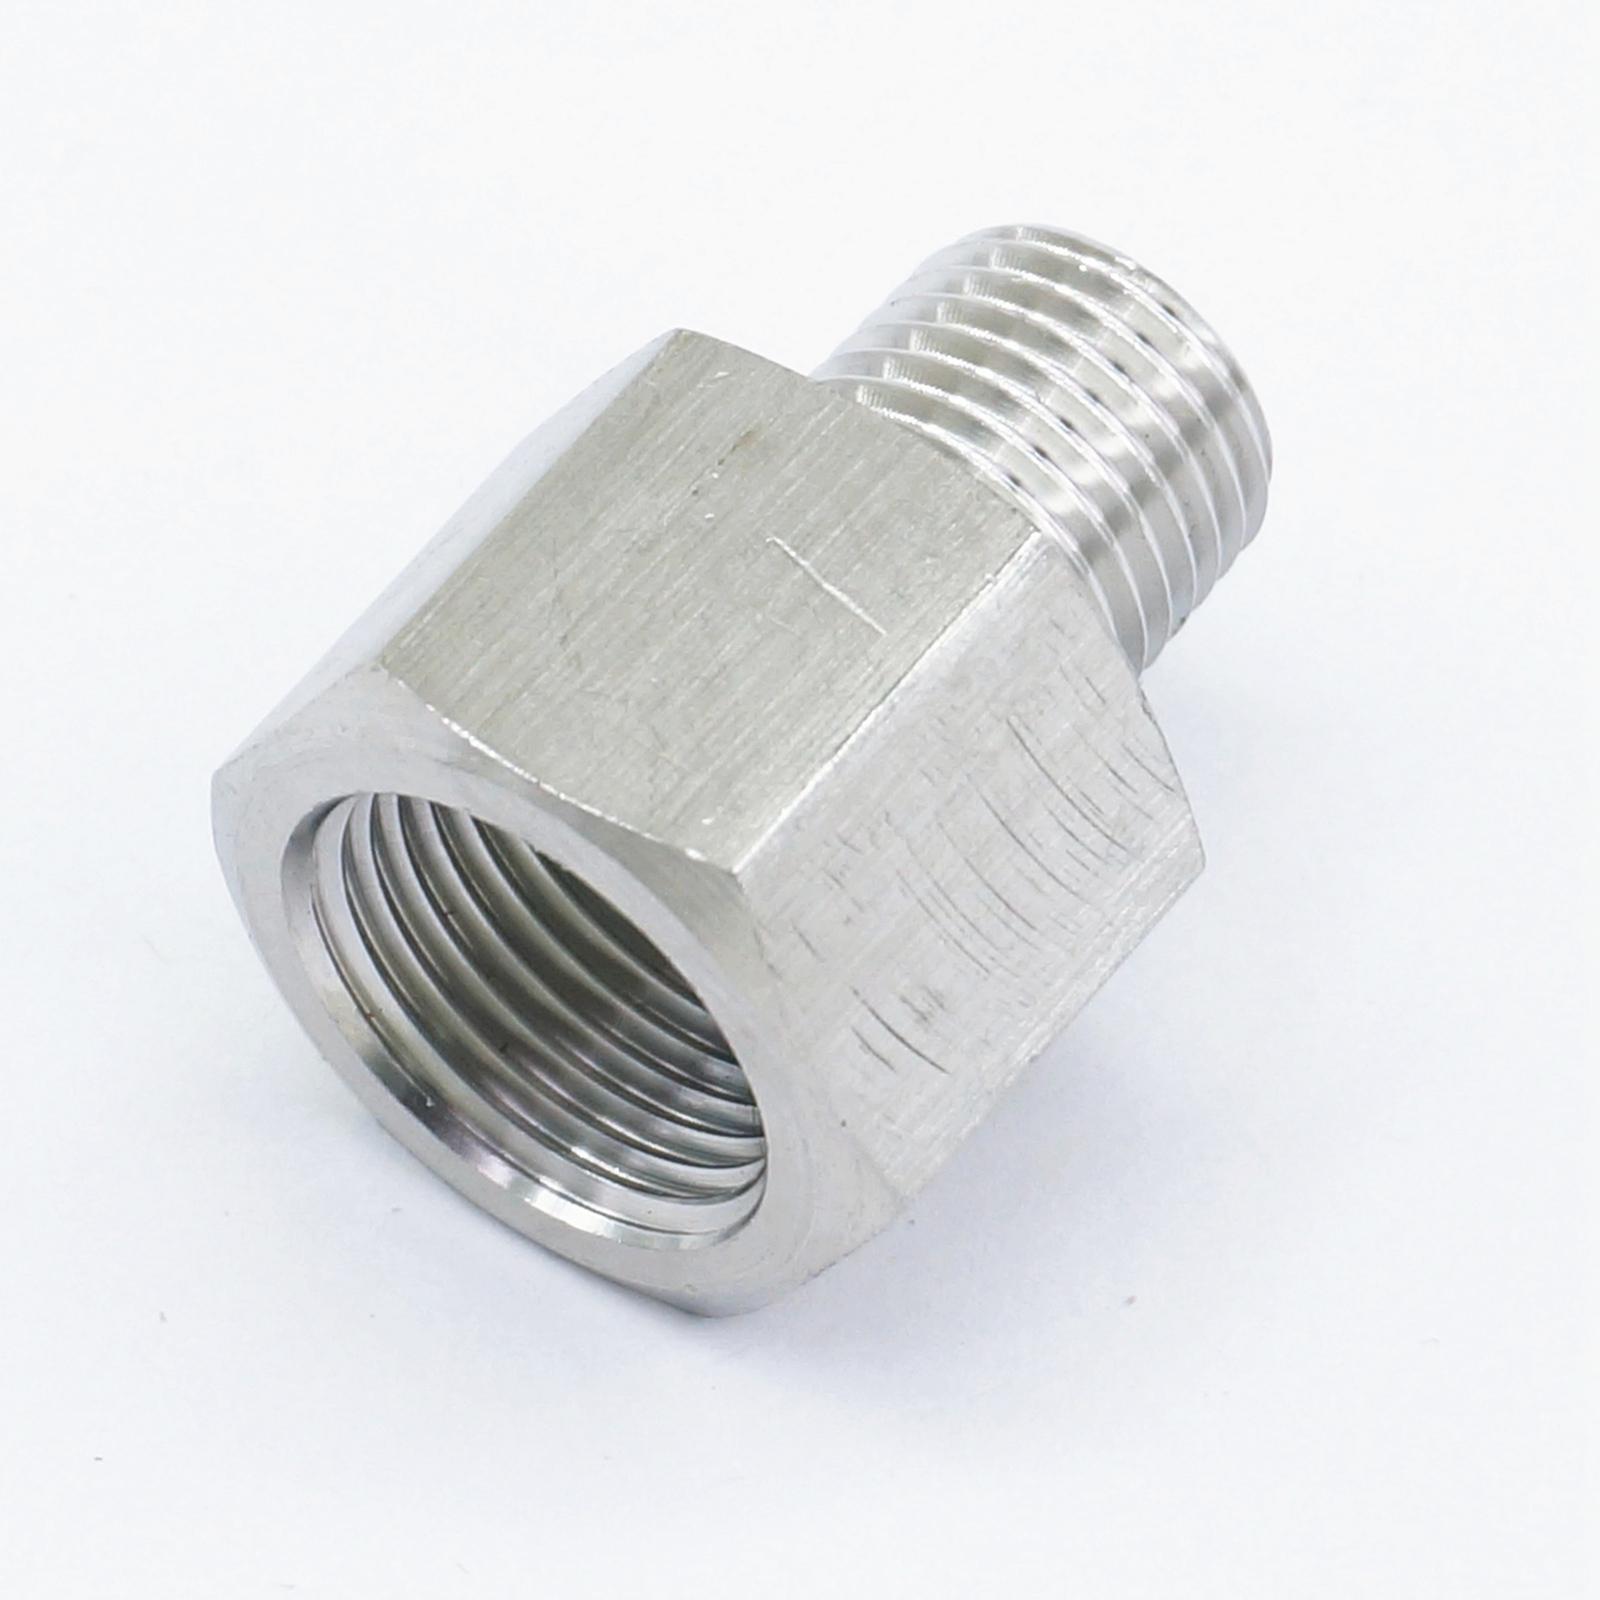 Rohre & Armaturen Beliebte Marke 304 Edelstahl Rohr Fitting Anschluss Adapter 3/8 bsp Weibliche Zu 1/4 Bsp Außengewinde Max Druck 2,5 Mpa Senility VerzöGern Rohrverbindungsstücke